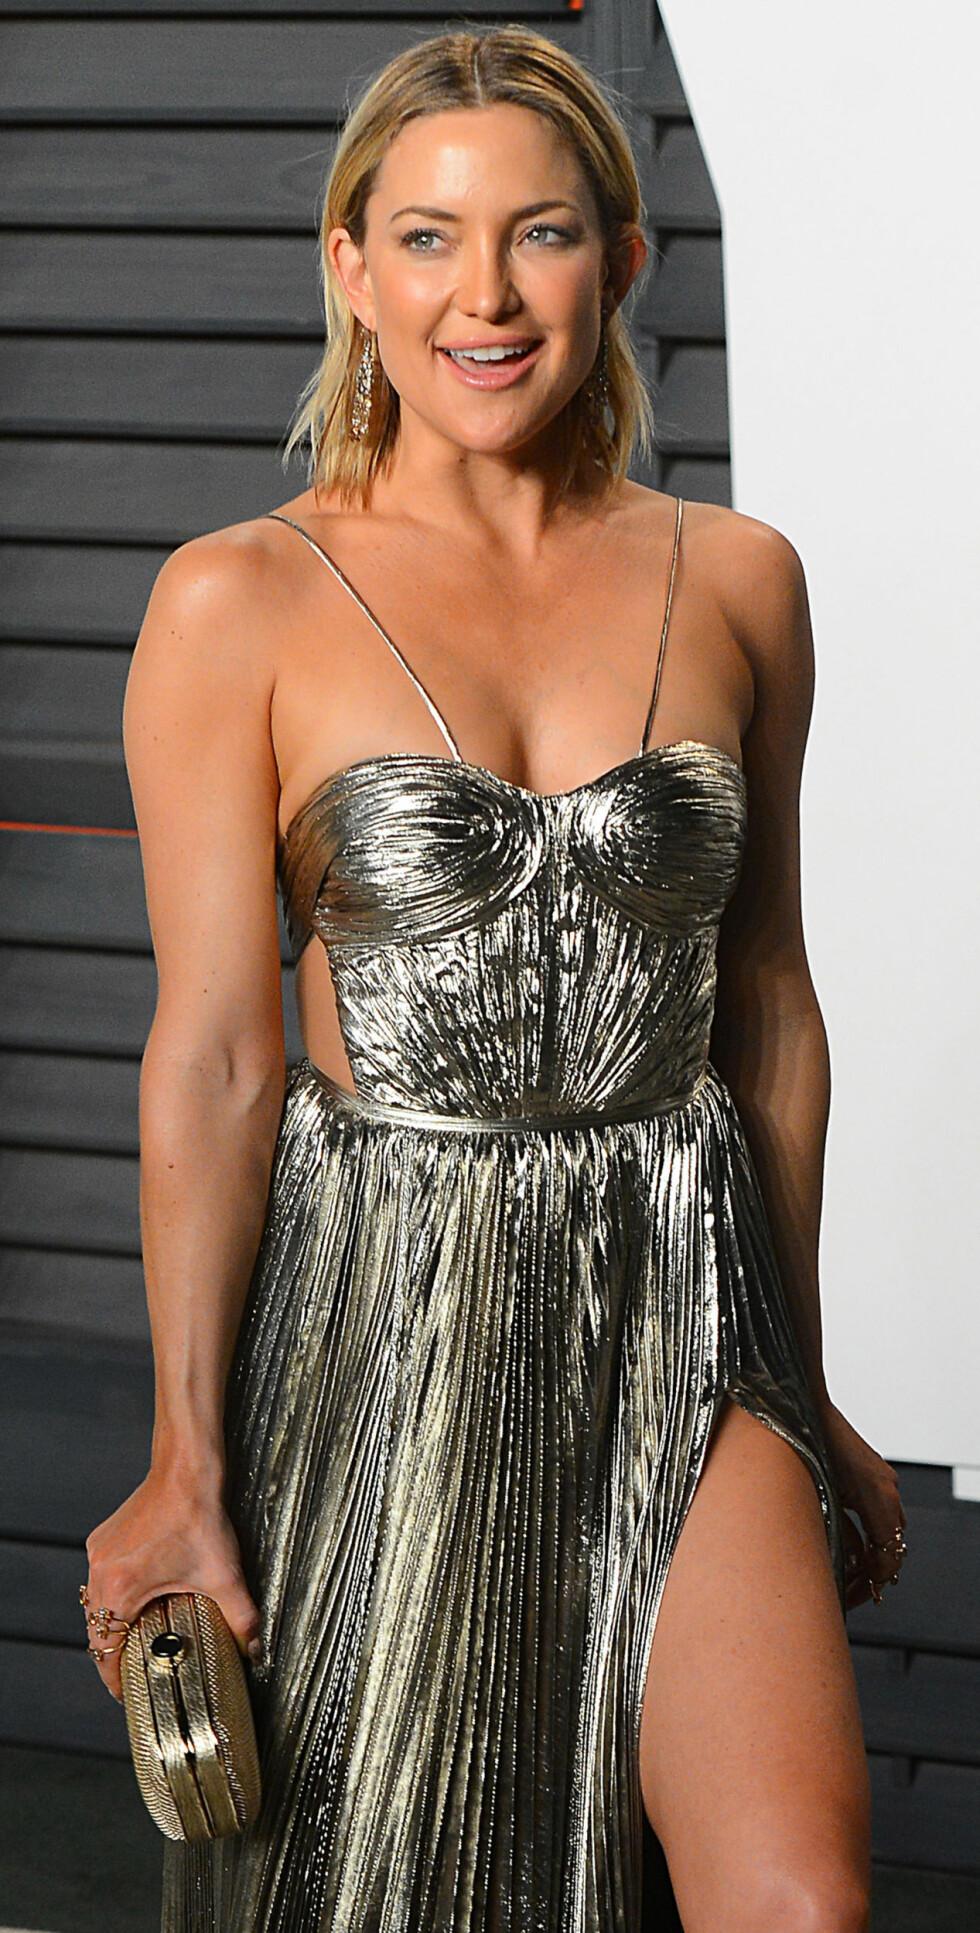 HOT: Det er ingen tvil om at tobarnsmoren Kate Hudson, som snart bikker 40, holder seg svært godt. Hun trener blant annet pilates for å opprettholde formen. Dette bildet er tatt under Vanity Fair Oscar Party tidligere i år. Foto: NTB Scanpix